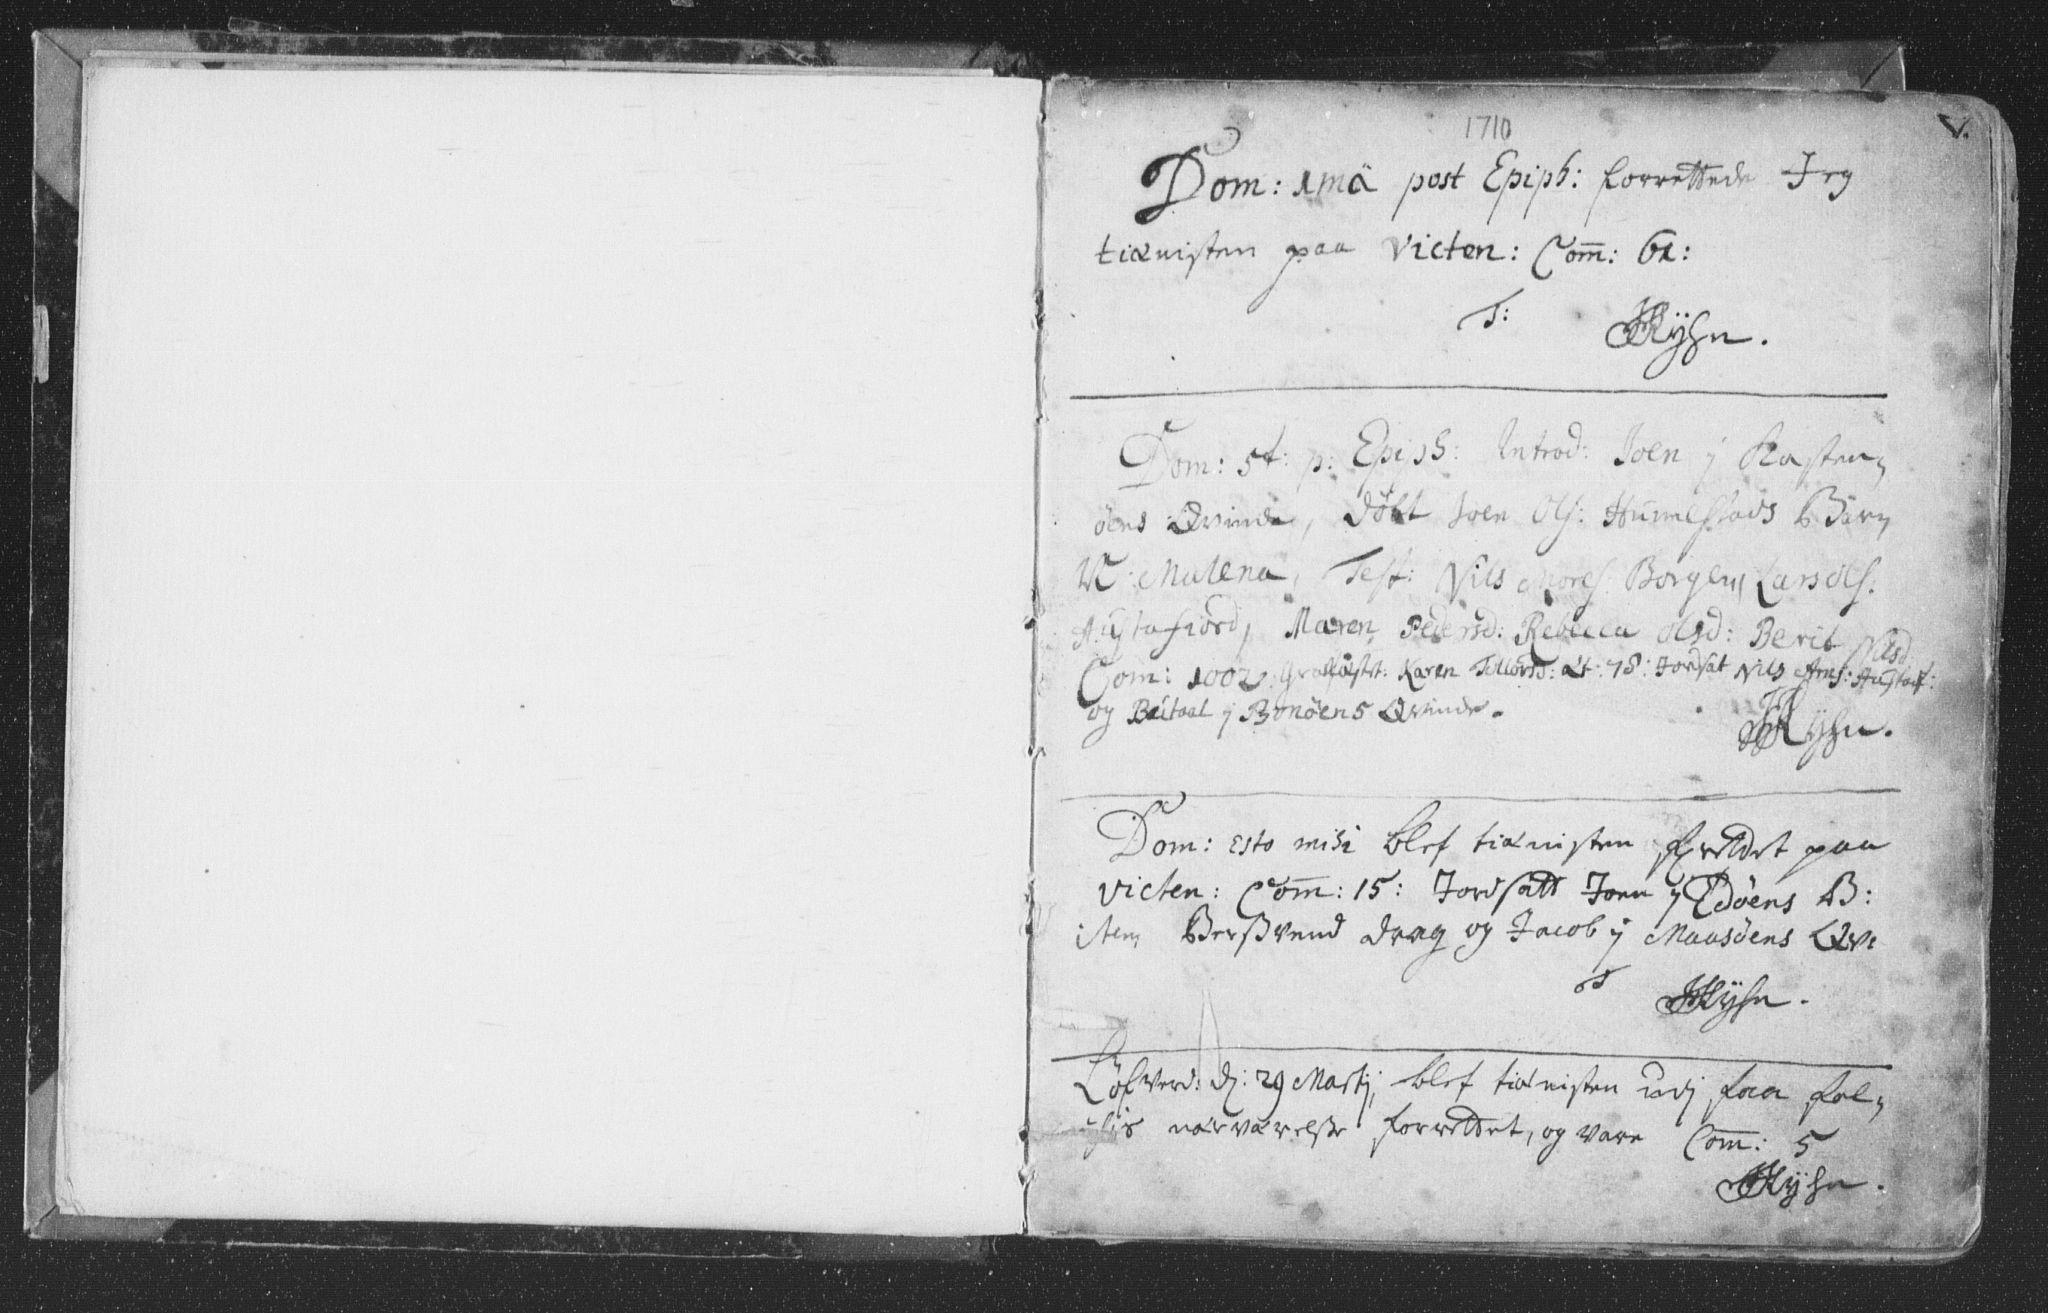 SAT, Ministerialprotokoller, klokkerbøker og fødselsregistre - Nord-Trøndelag, 786/L0685: Ministerialbok nr. 786A01, 1710-1798, s. 5